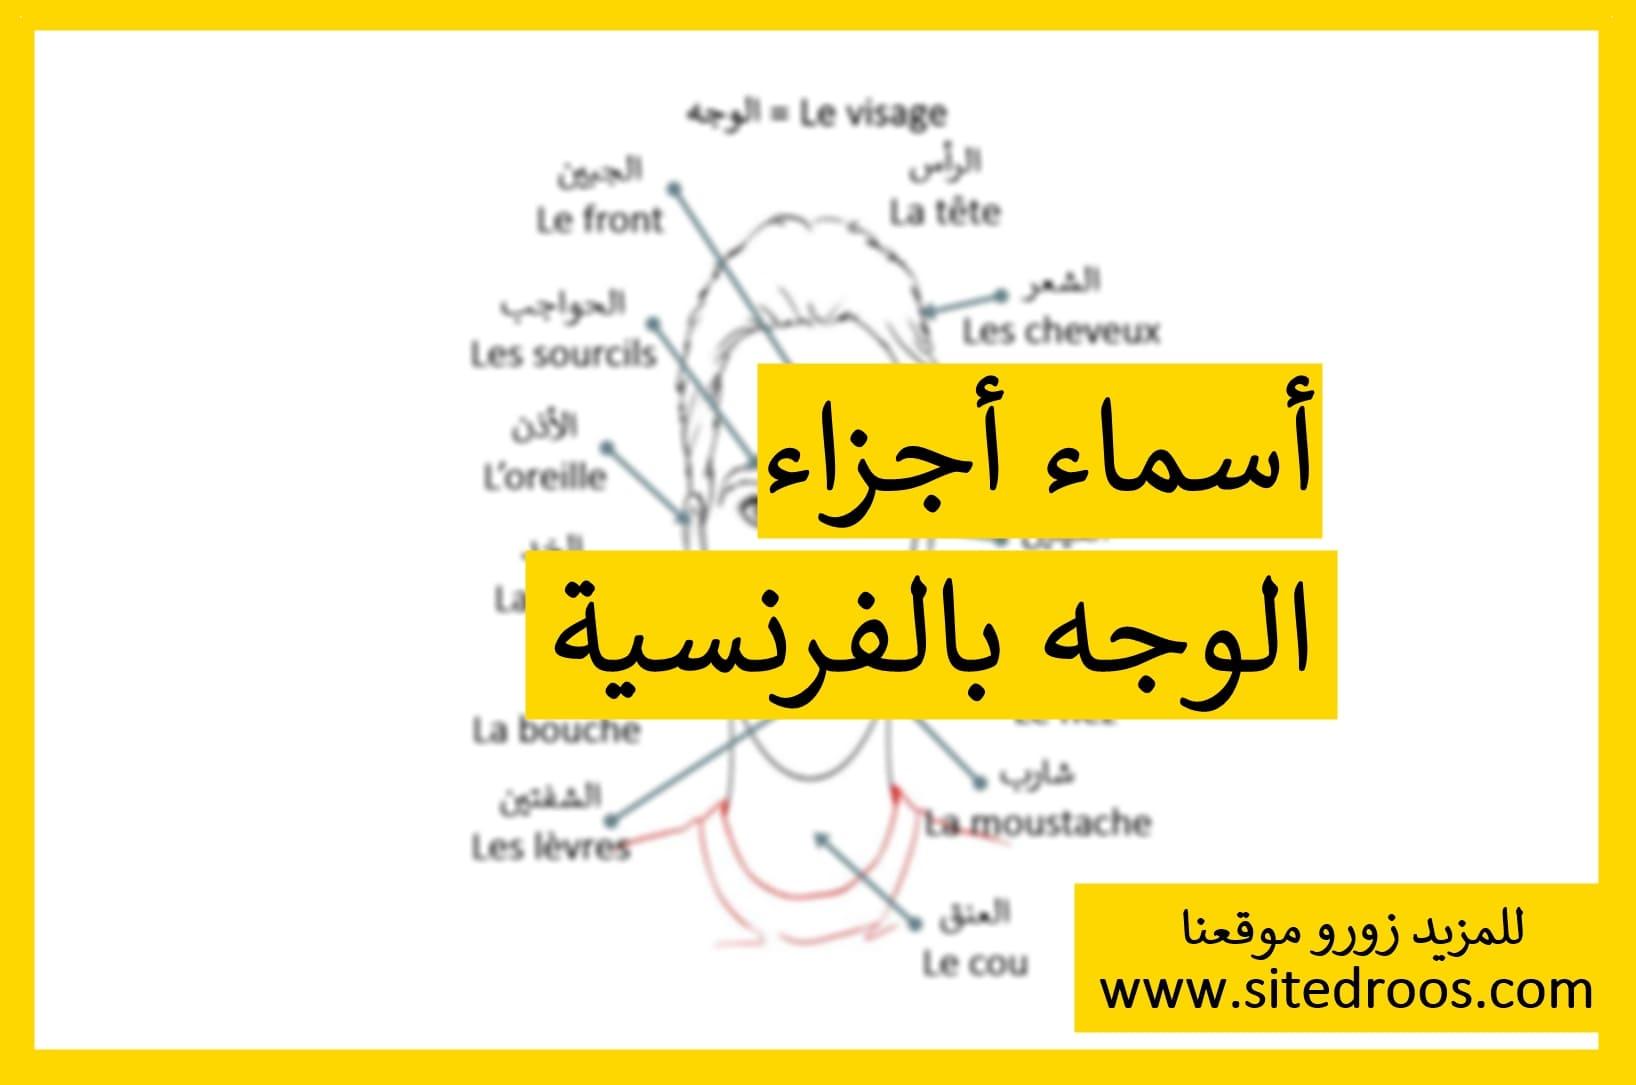 أسماء أجزاء الوجه بالفرنسية